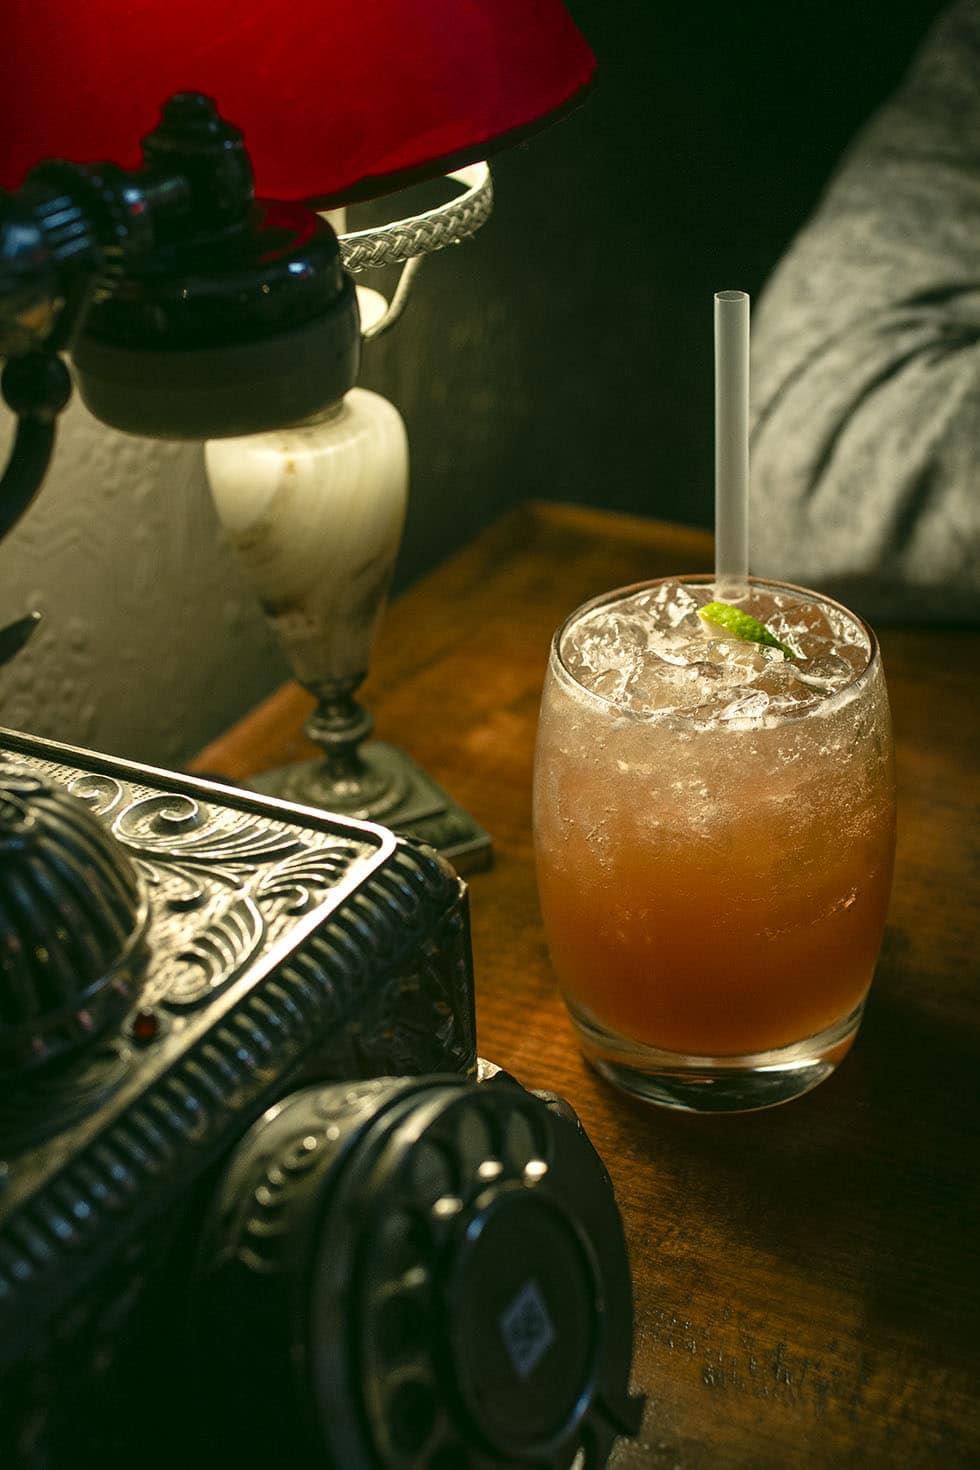 Cape town Alexander bar